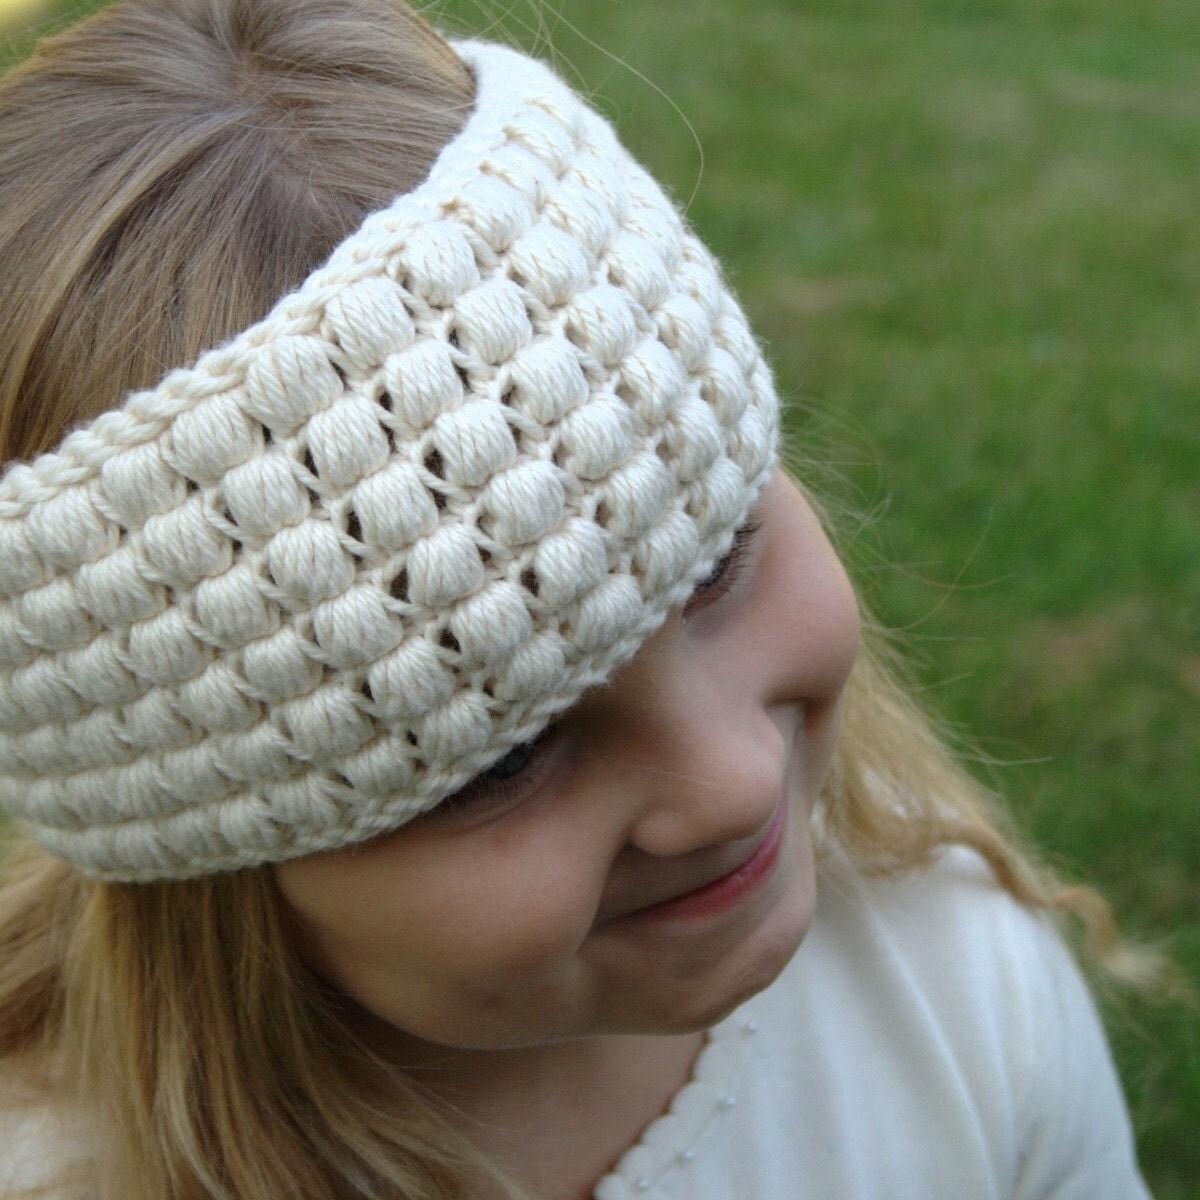 Crochet Ear Warmer Pattern For Toddlers : Toddler Ear Warmer Pattern Head Warmer Pattern Crochet